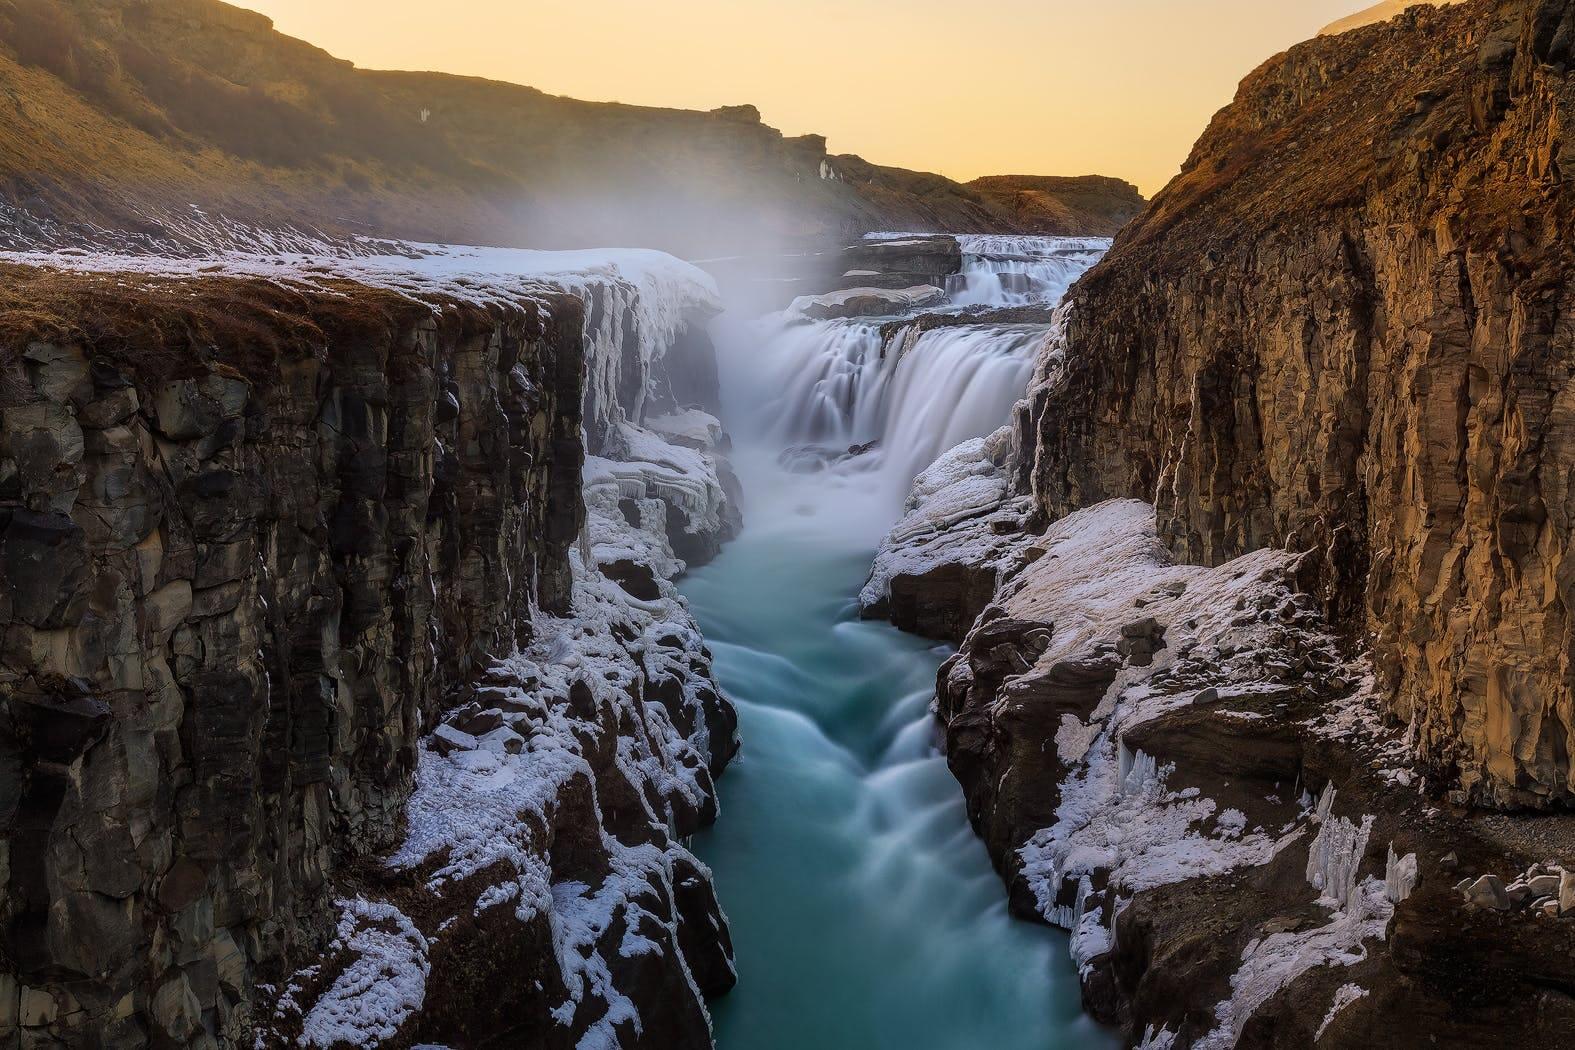 La chute de Gullfoss constitue un tiers du célèbre circuit touristique du Cercle d'Or.